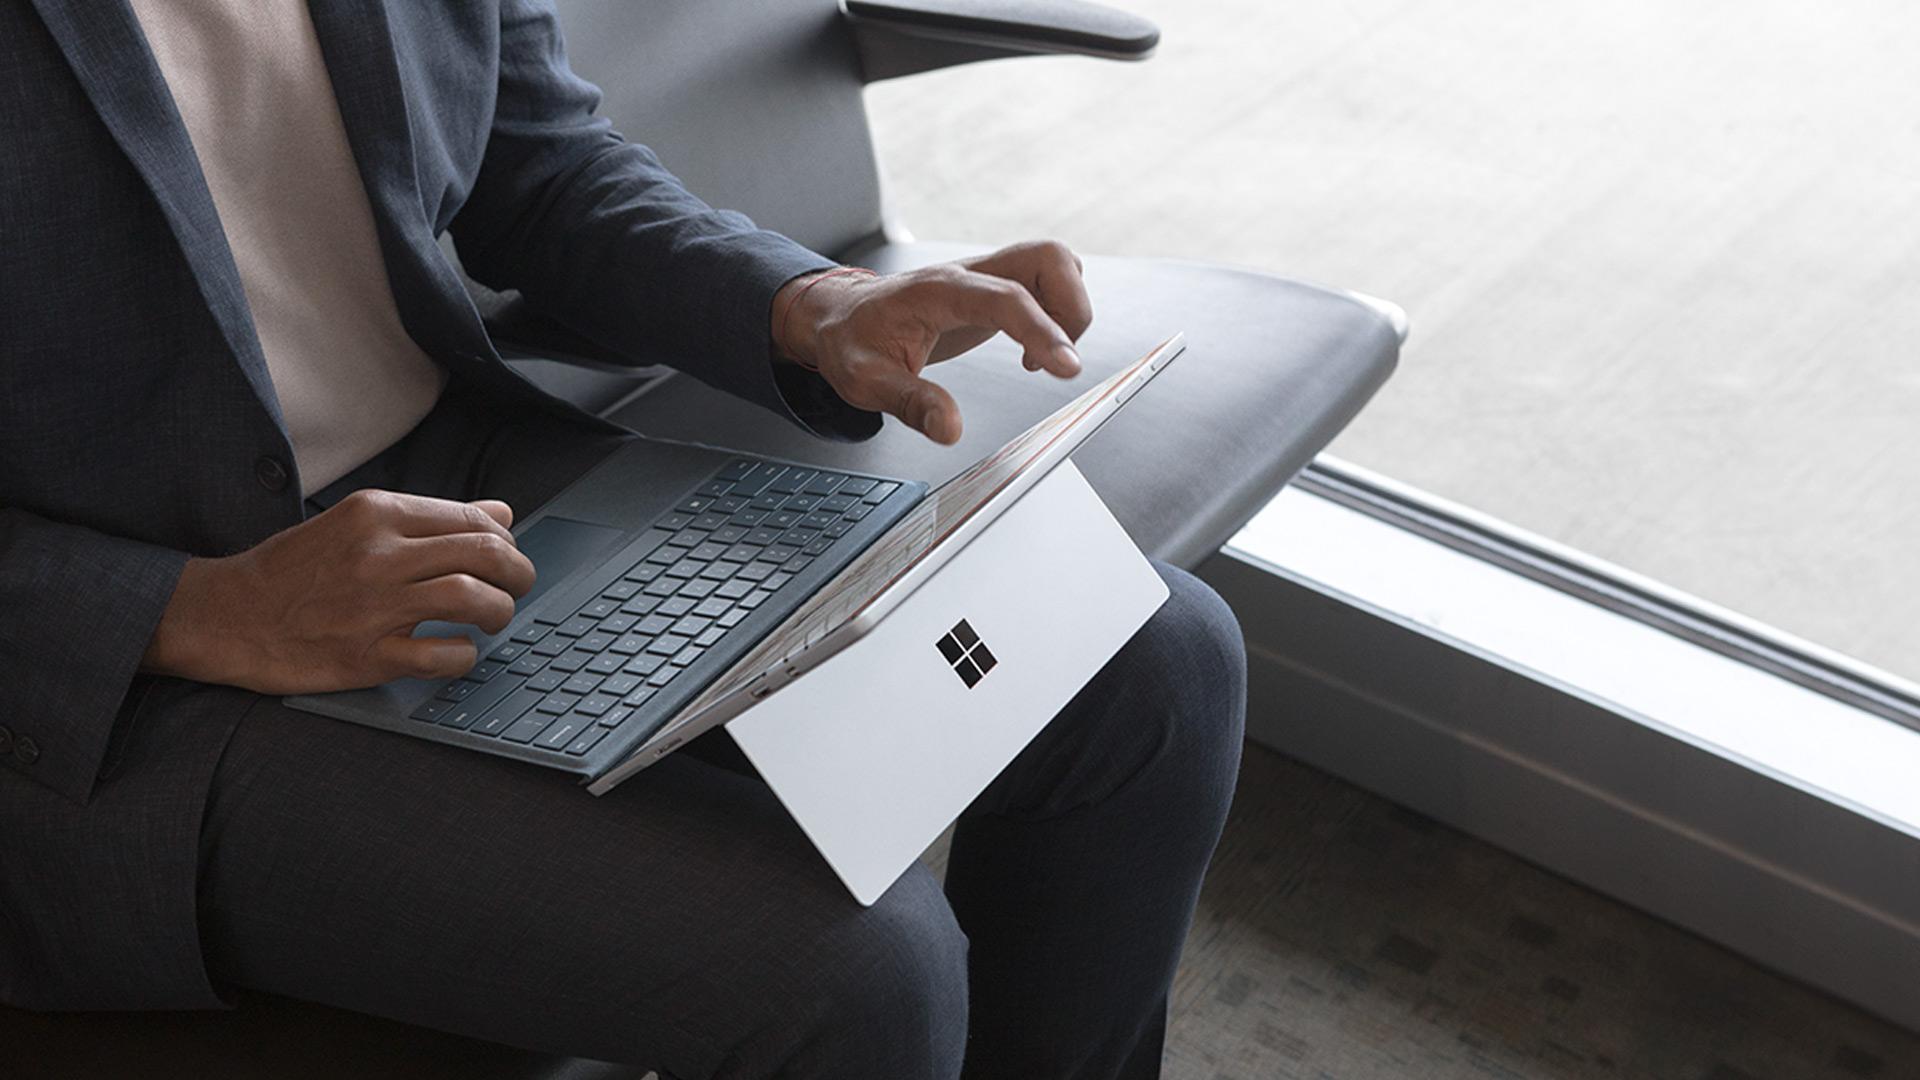 공항 라운지에서 무릎에 Surface Pro를 올려놓고 작업하는 사람.